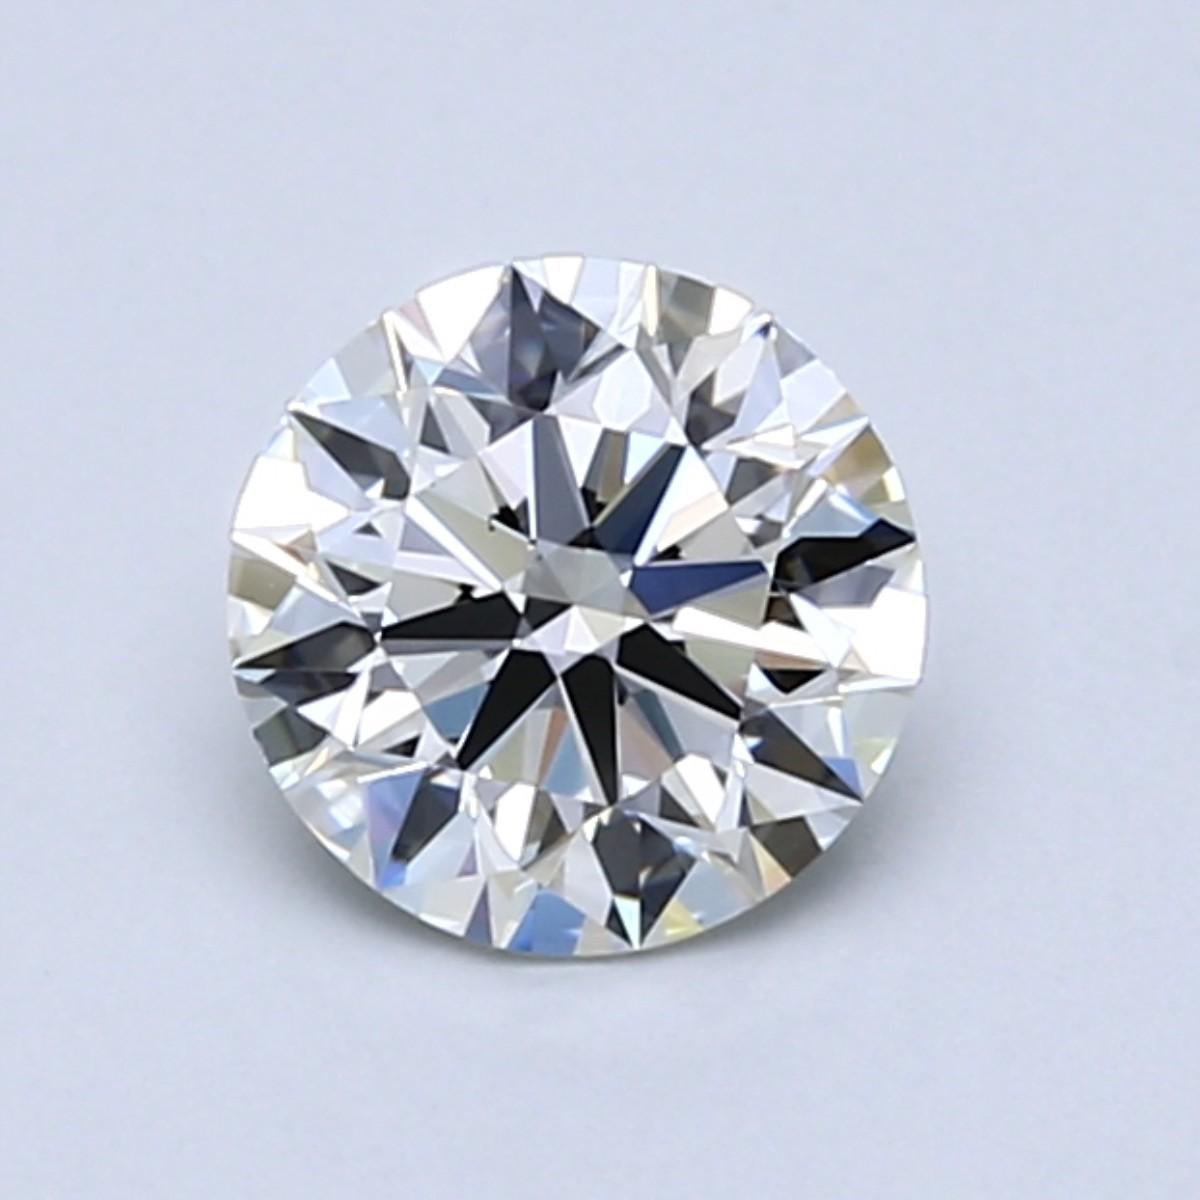 1 carat I color diamond